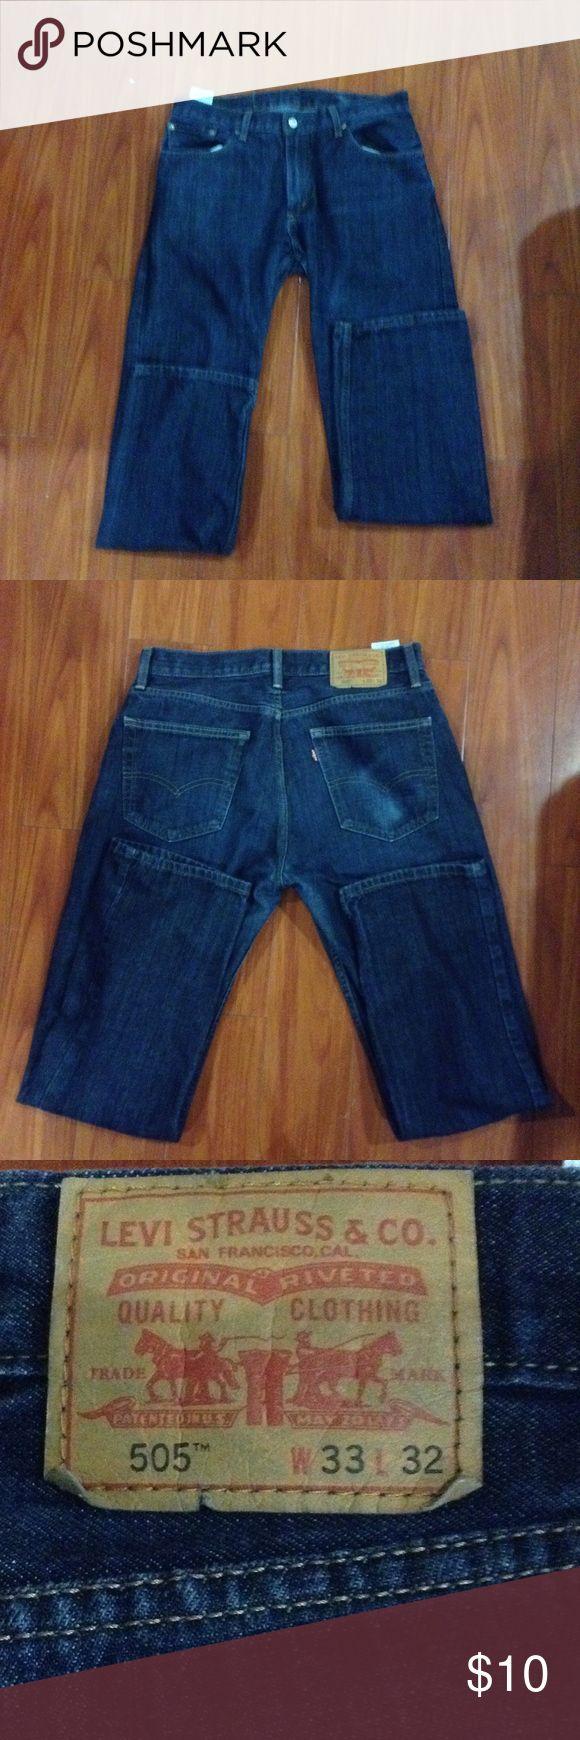 Men's Levi's 505 Jeans Levi's Jeans Straight